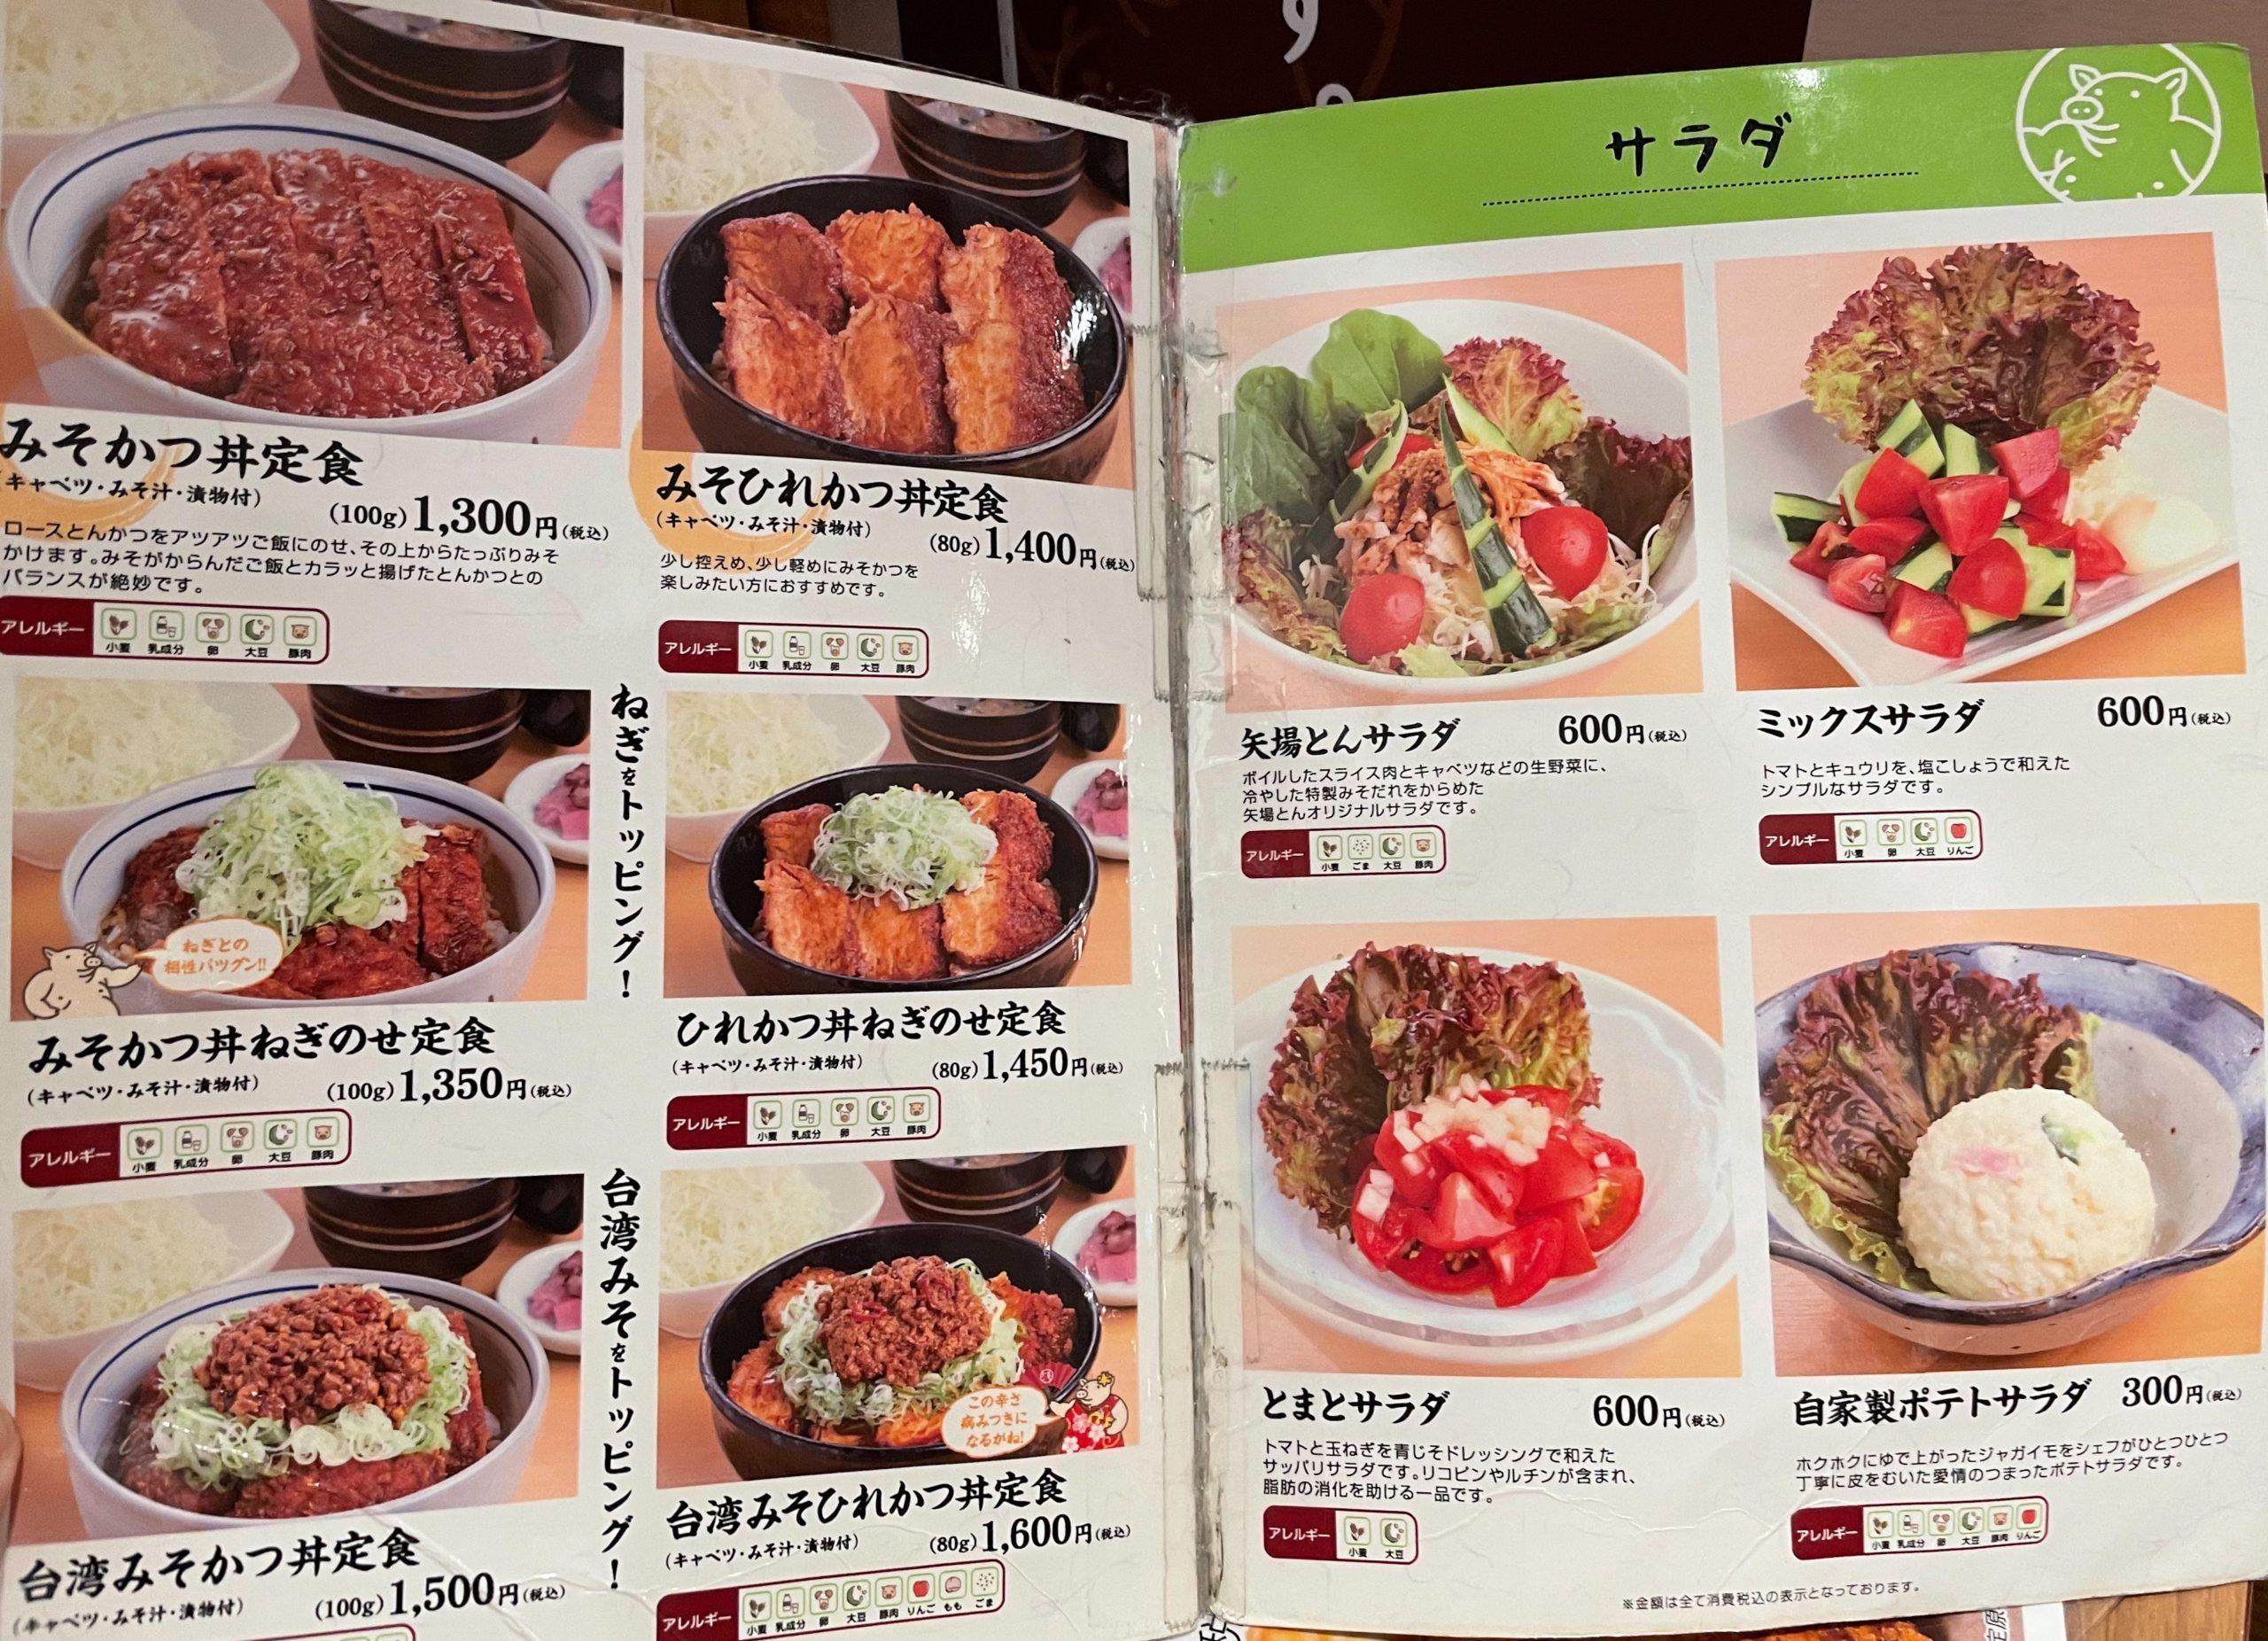 矢場とん 東京駅グランルーフ店メニュー